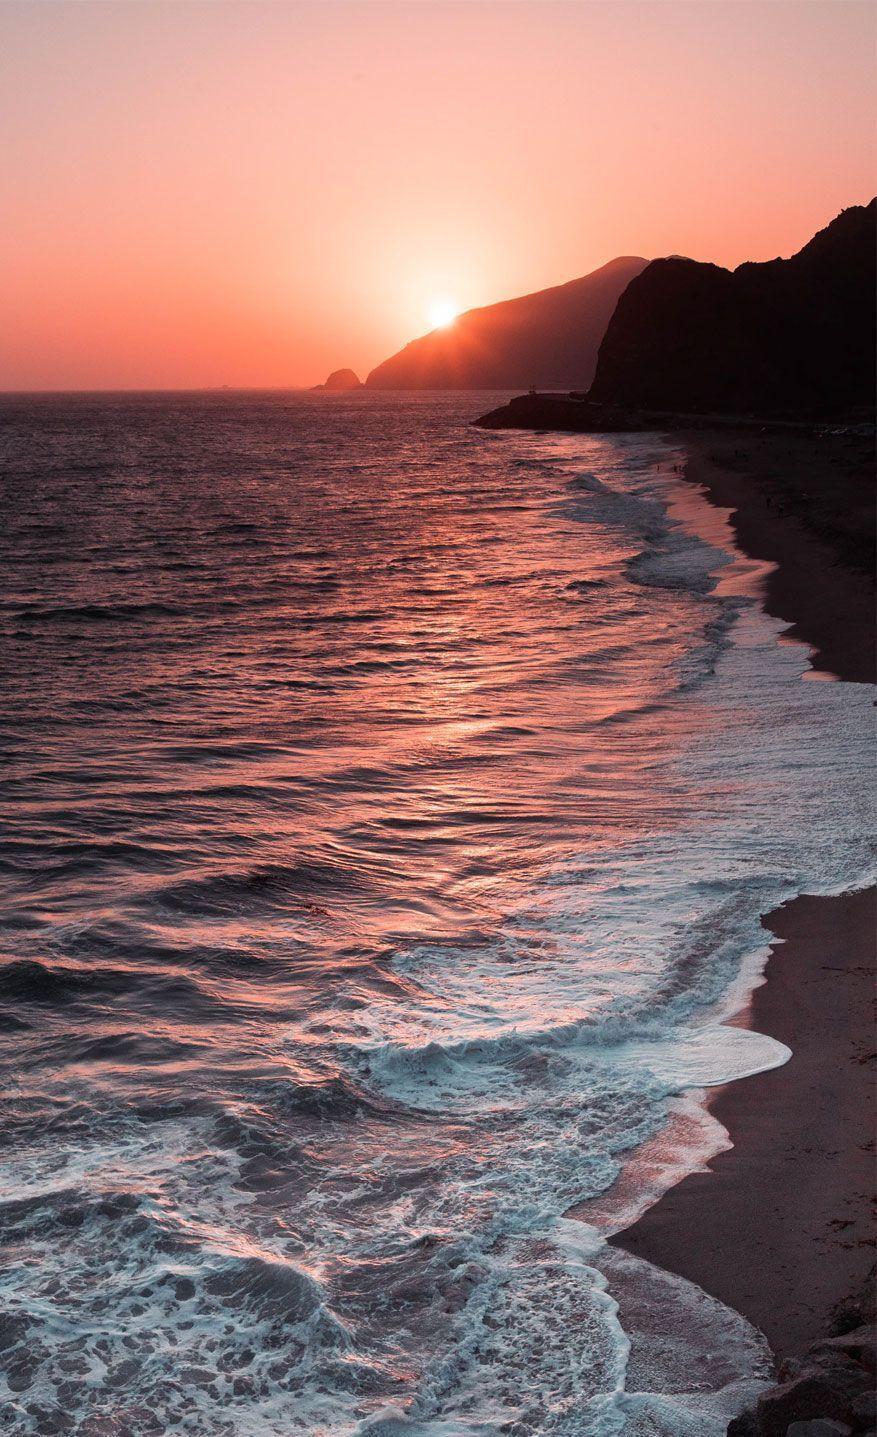 Fond D Ecran Iphone 100 Superbes Fonds D Ecran Iphone A Telecharger Rocks On The Beach En 2020 Photo Paysage Magnifique Photographie De Paysages Fond Ecran Gratuit Paysage